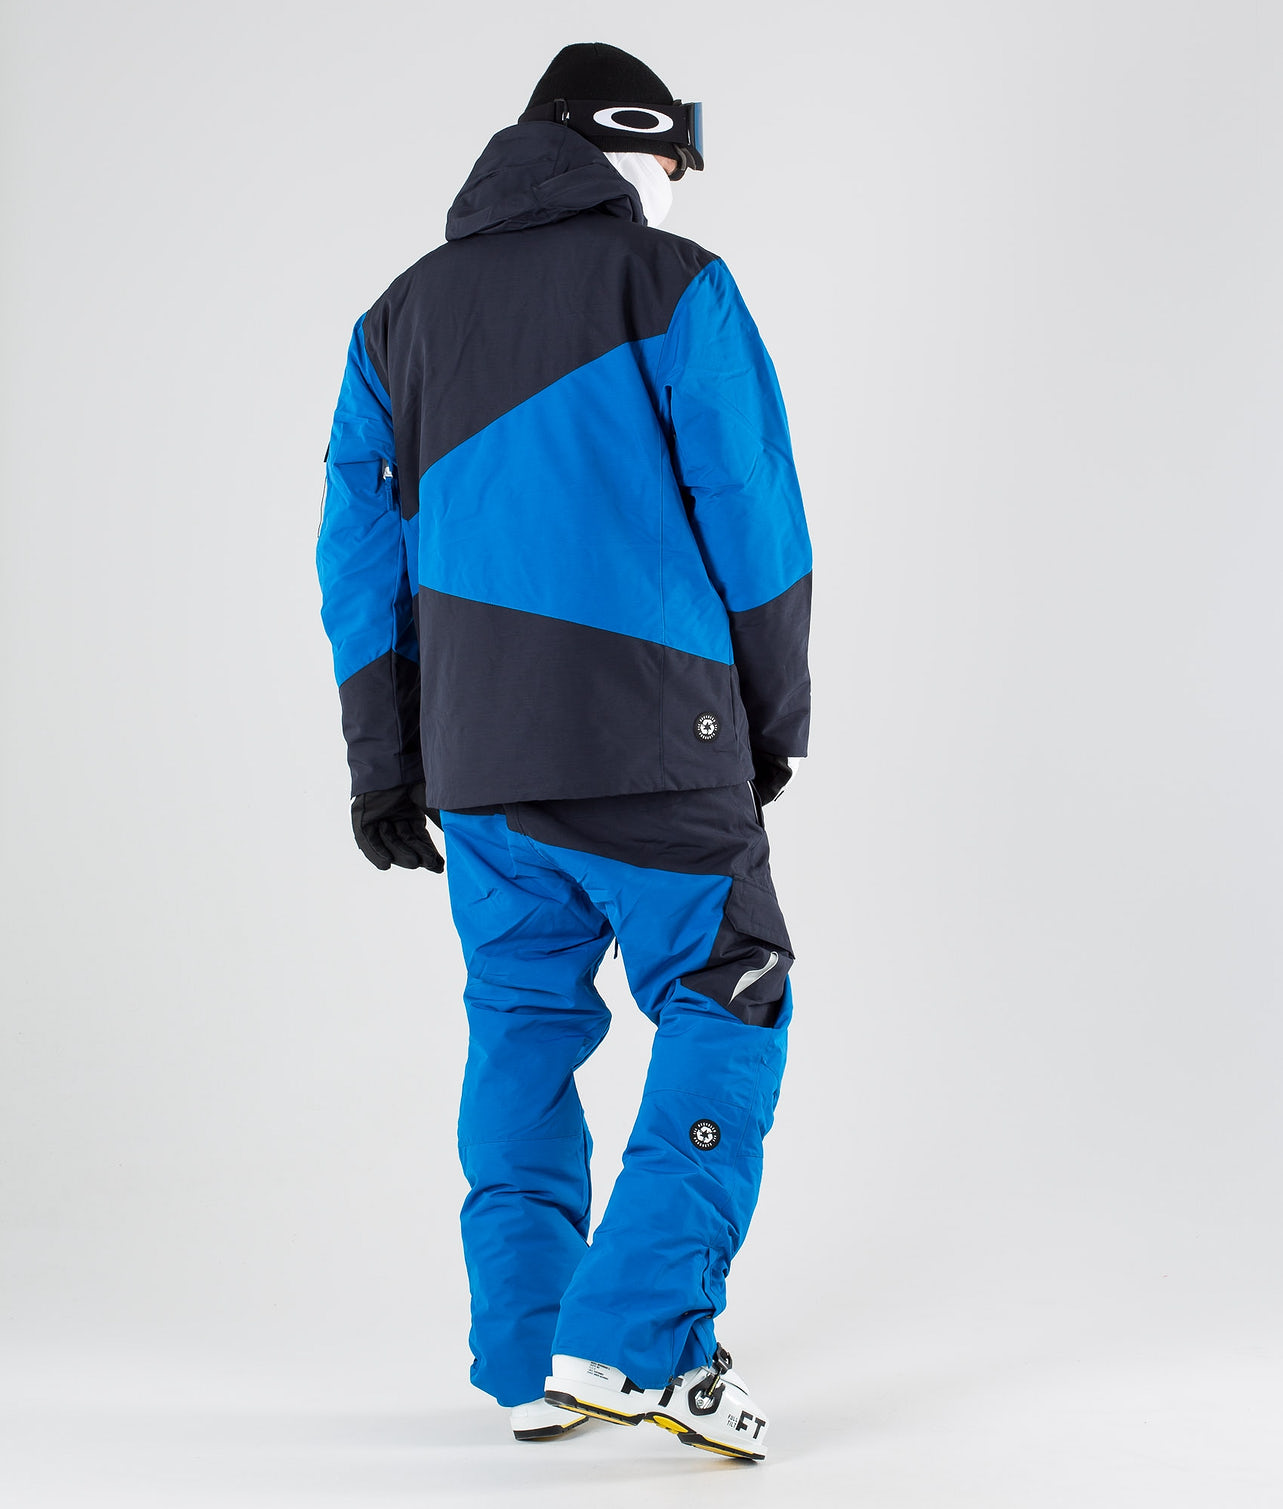 Kjøp Styler Skijakke fra Picture på Ridestore.no - Hos oss har du alltid fri frakt, fri retur og 30 dagers åpent kjøp!